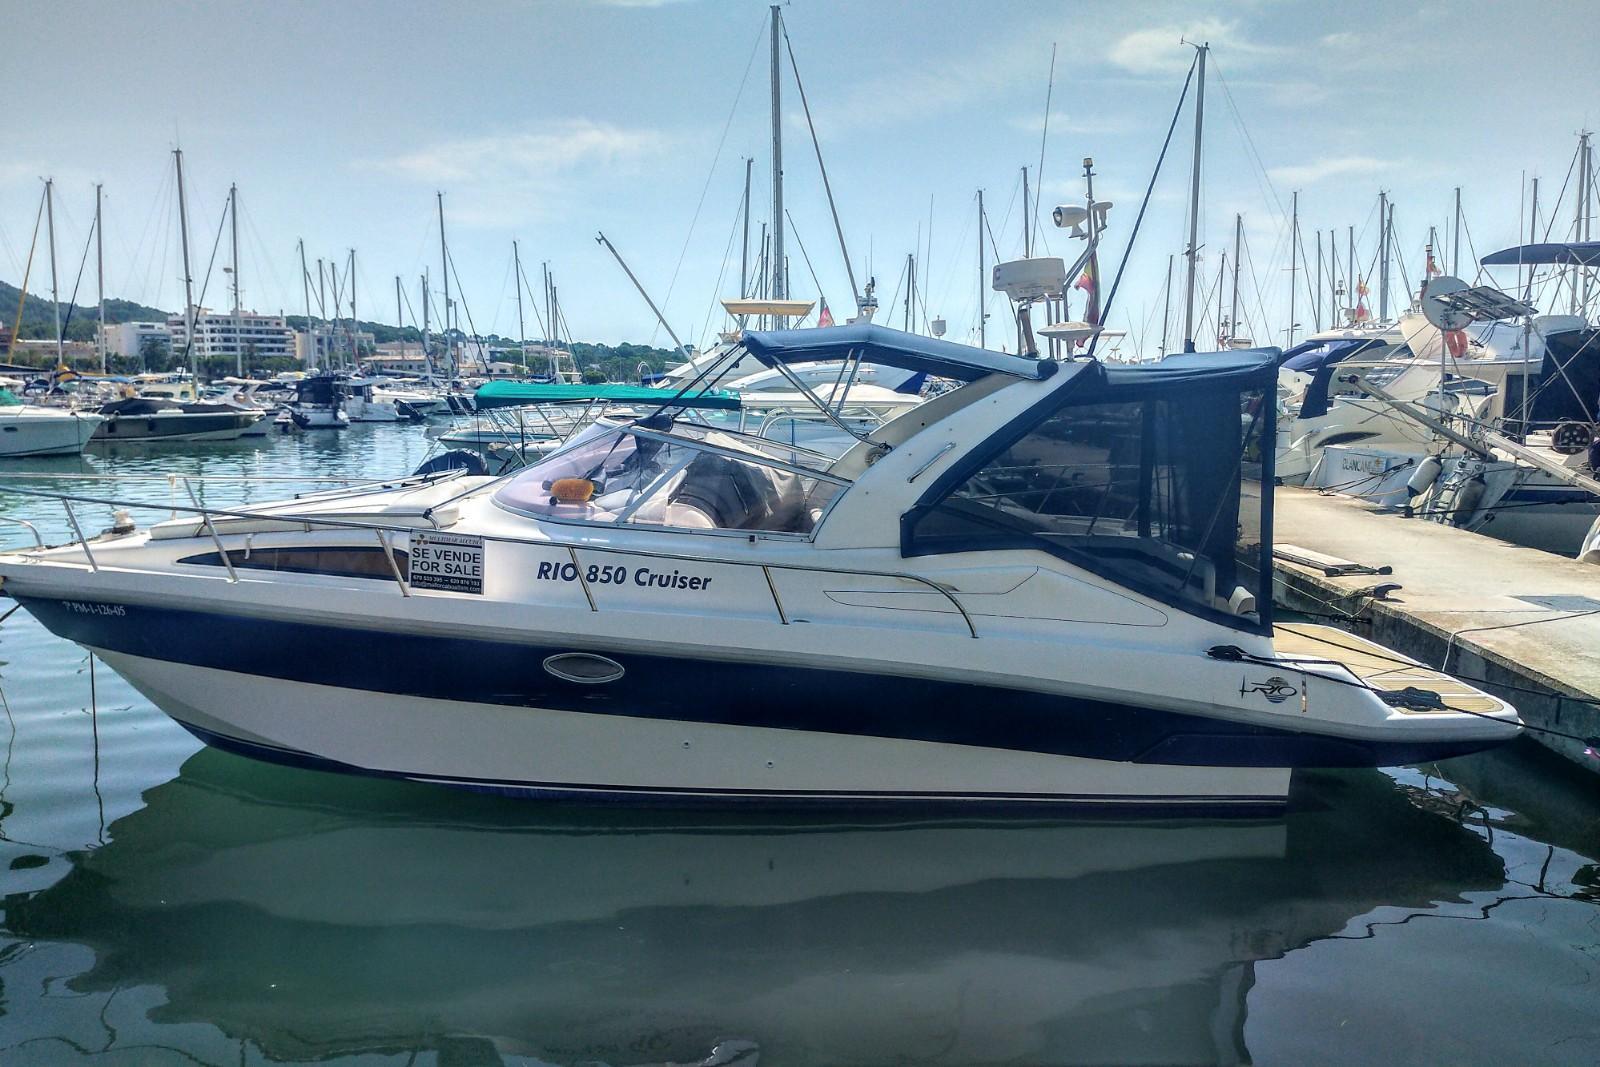 RIO 850 Cruiser (De ocasión)